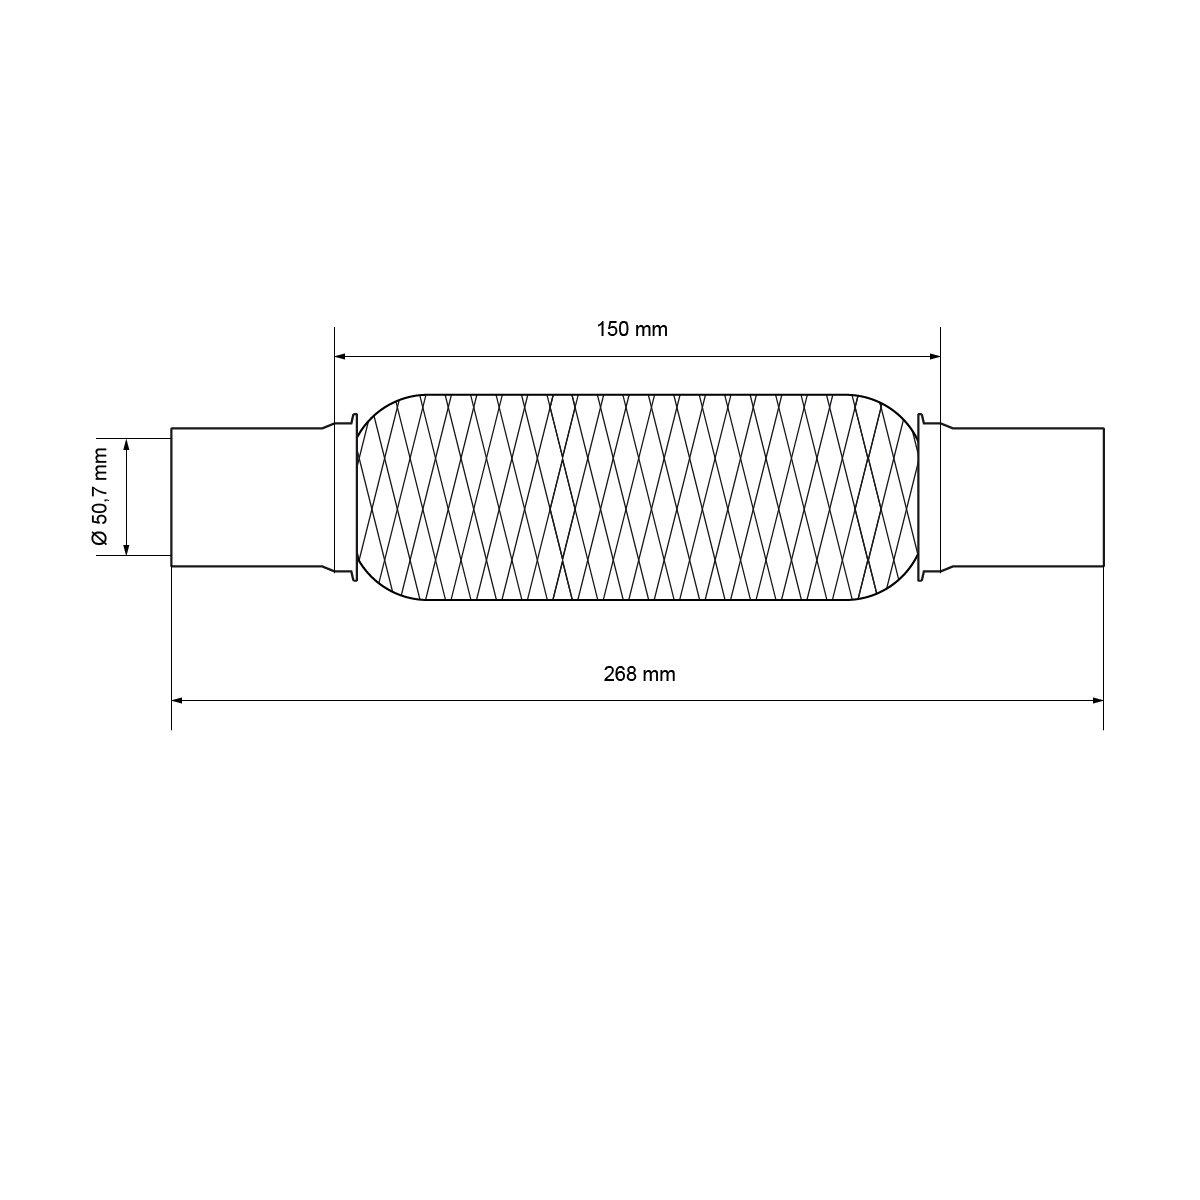 Flexst/ück Wellrohr Hosenrohr Auspuff Abgasanlage aus Edelstahl Auspuff-Montagepaste 60g Montage ohne Schwei/ßen Interlock Universal Flexrohr 55 x 250 mm mit 2 Schellen flexibles Rohr